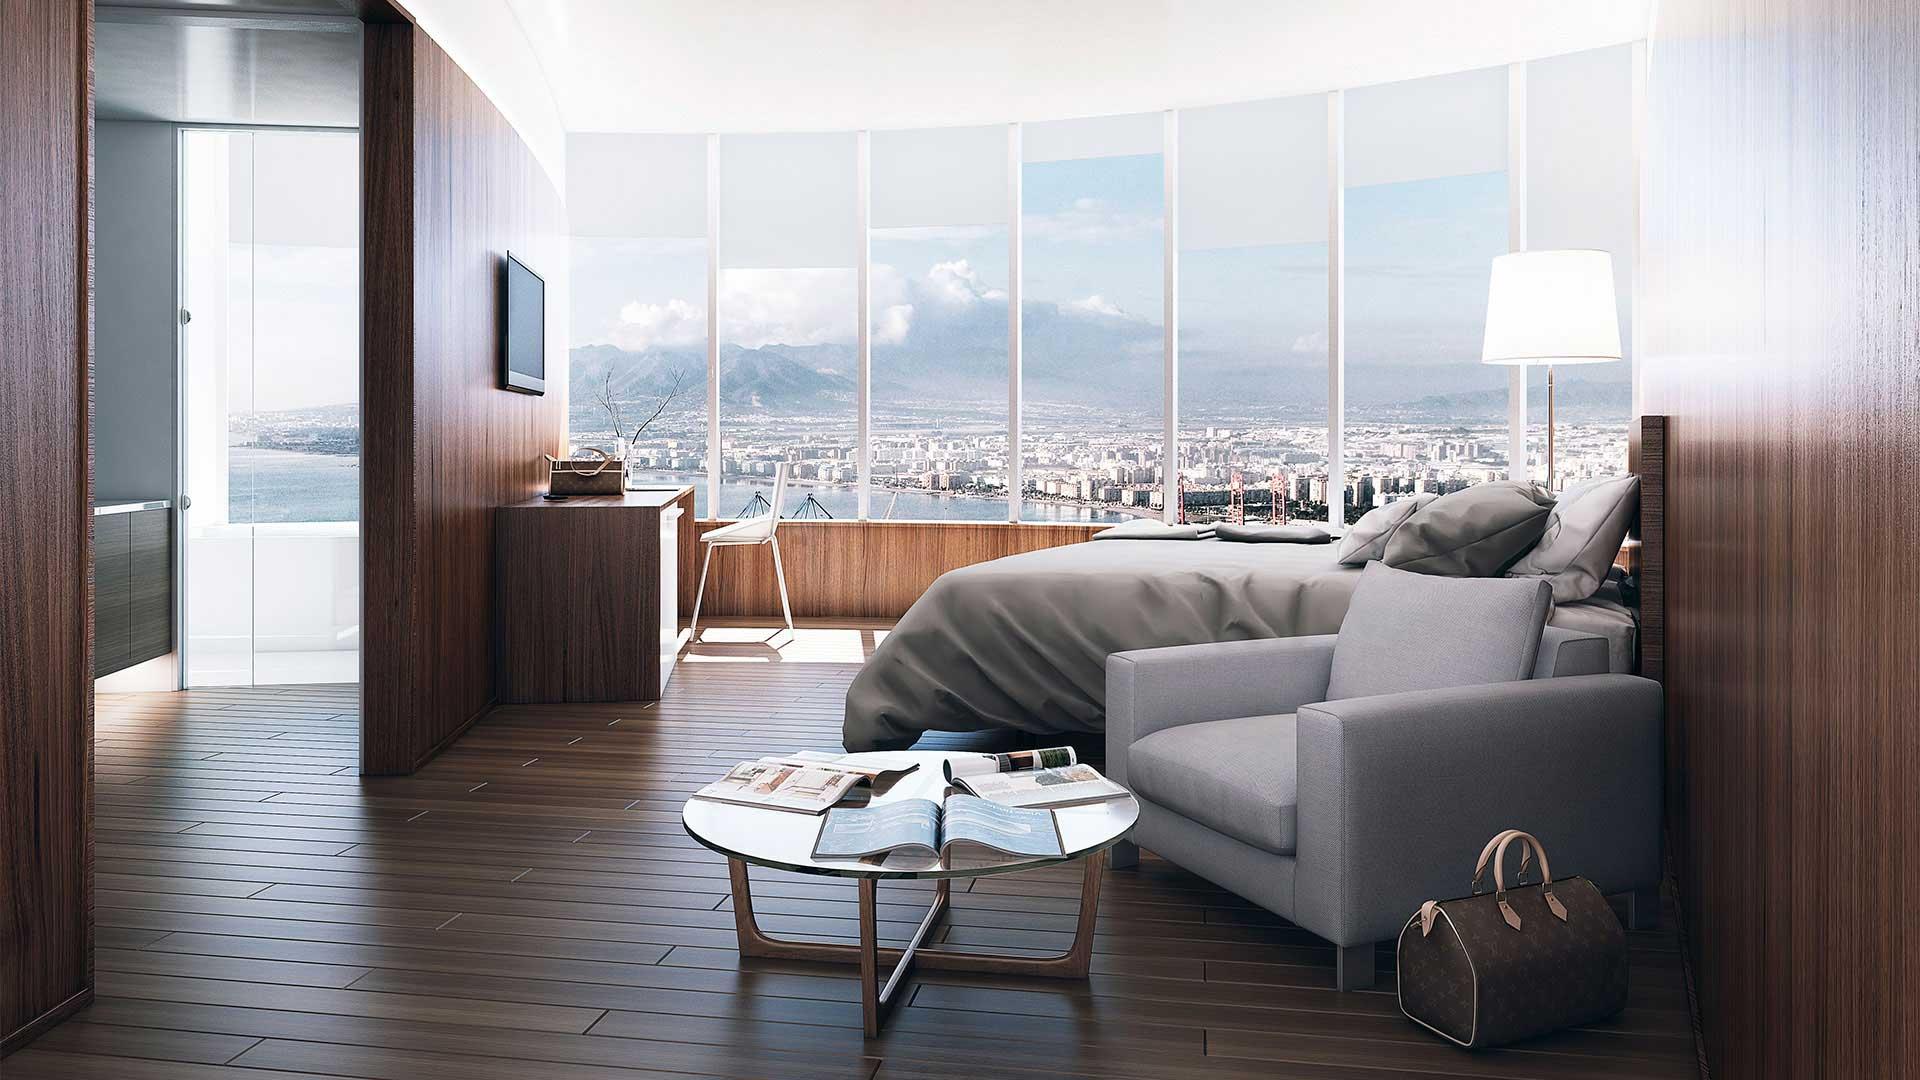 Diseño 3D - Habitación hotel de lujo en Málaga